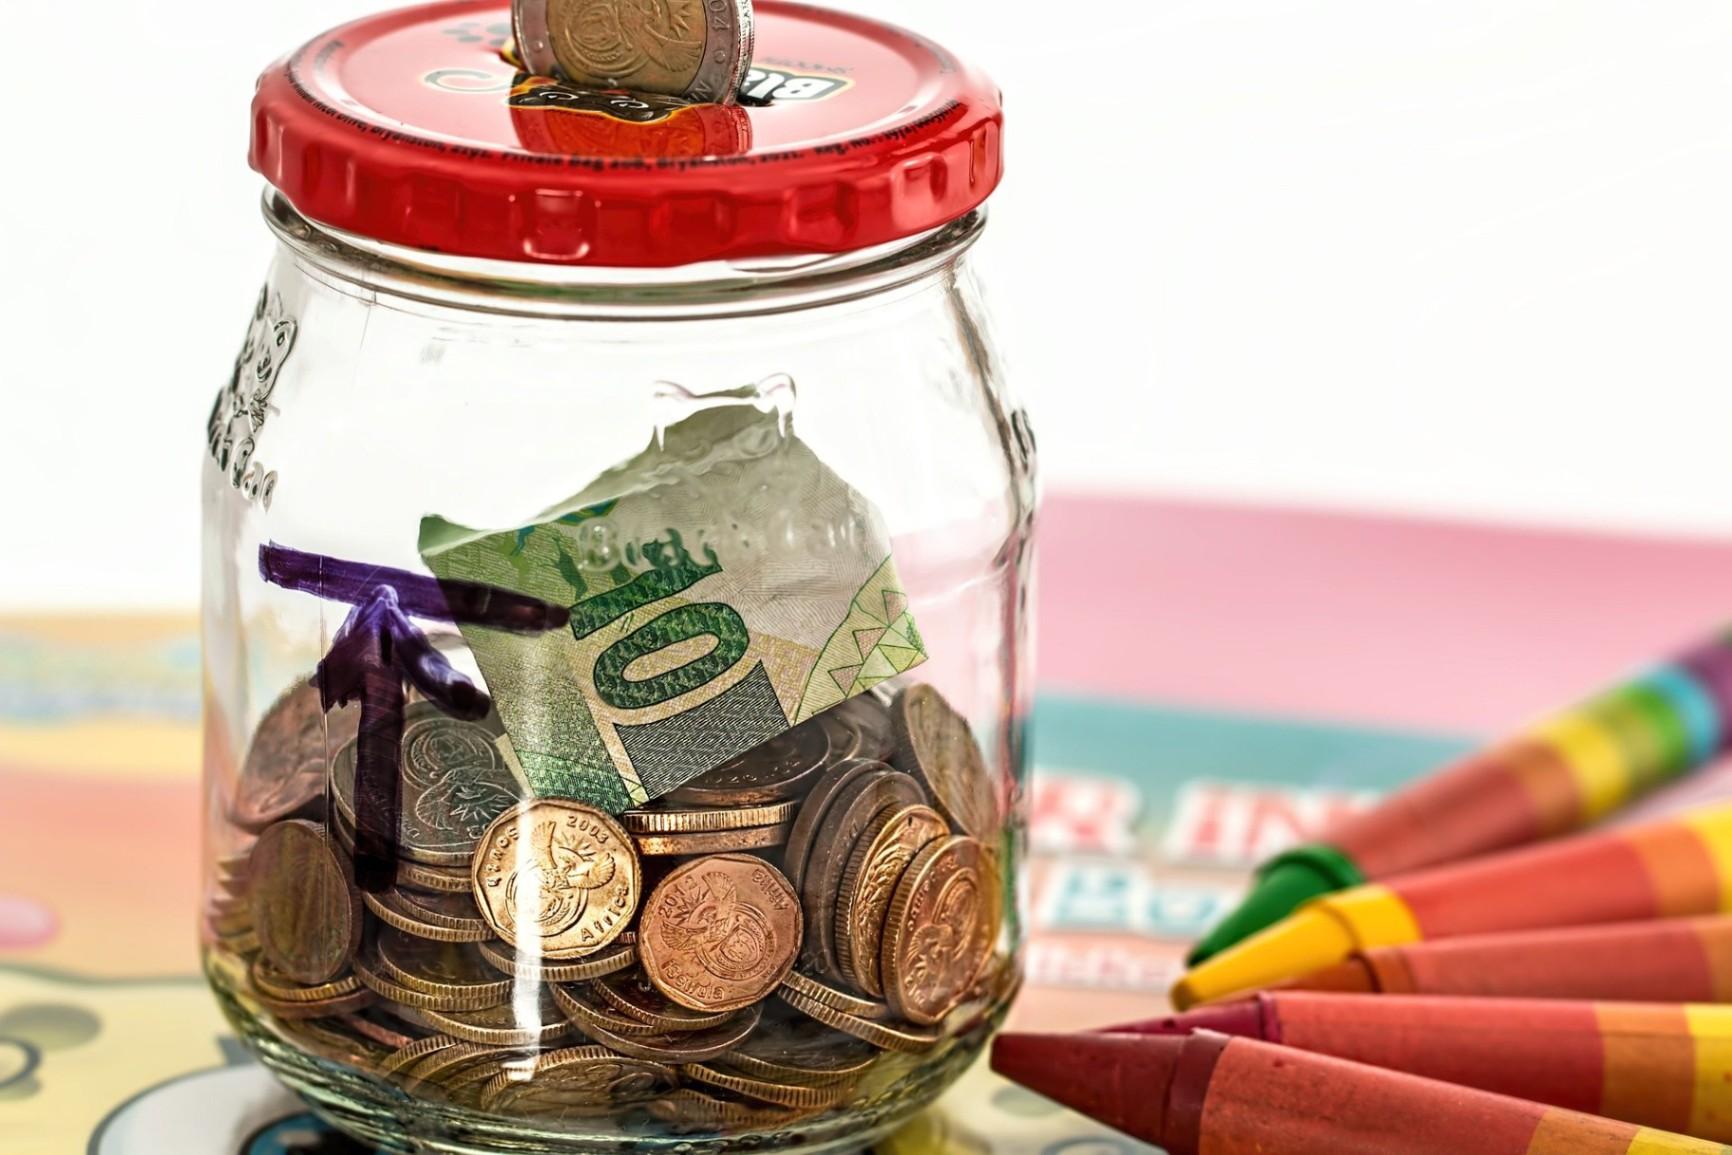 Les 15 Conseils les Plus Utiles pour Économiser dans la Vie de Tous les Jours